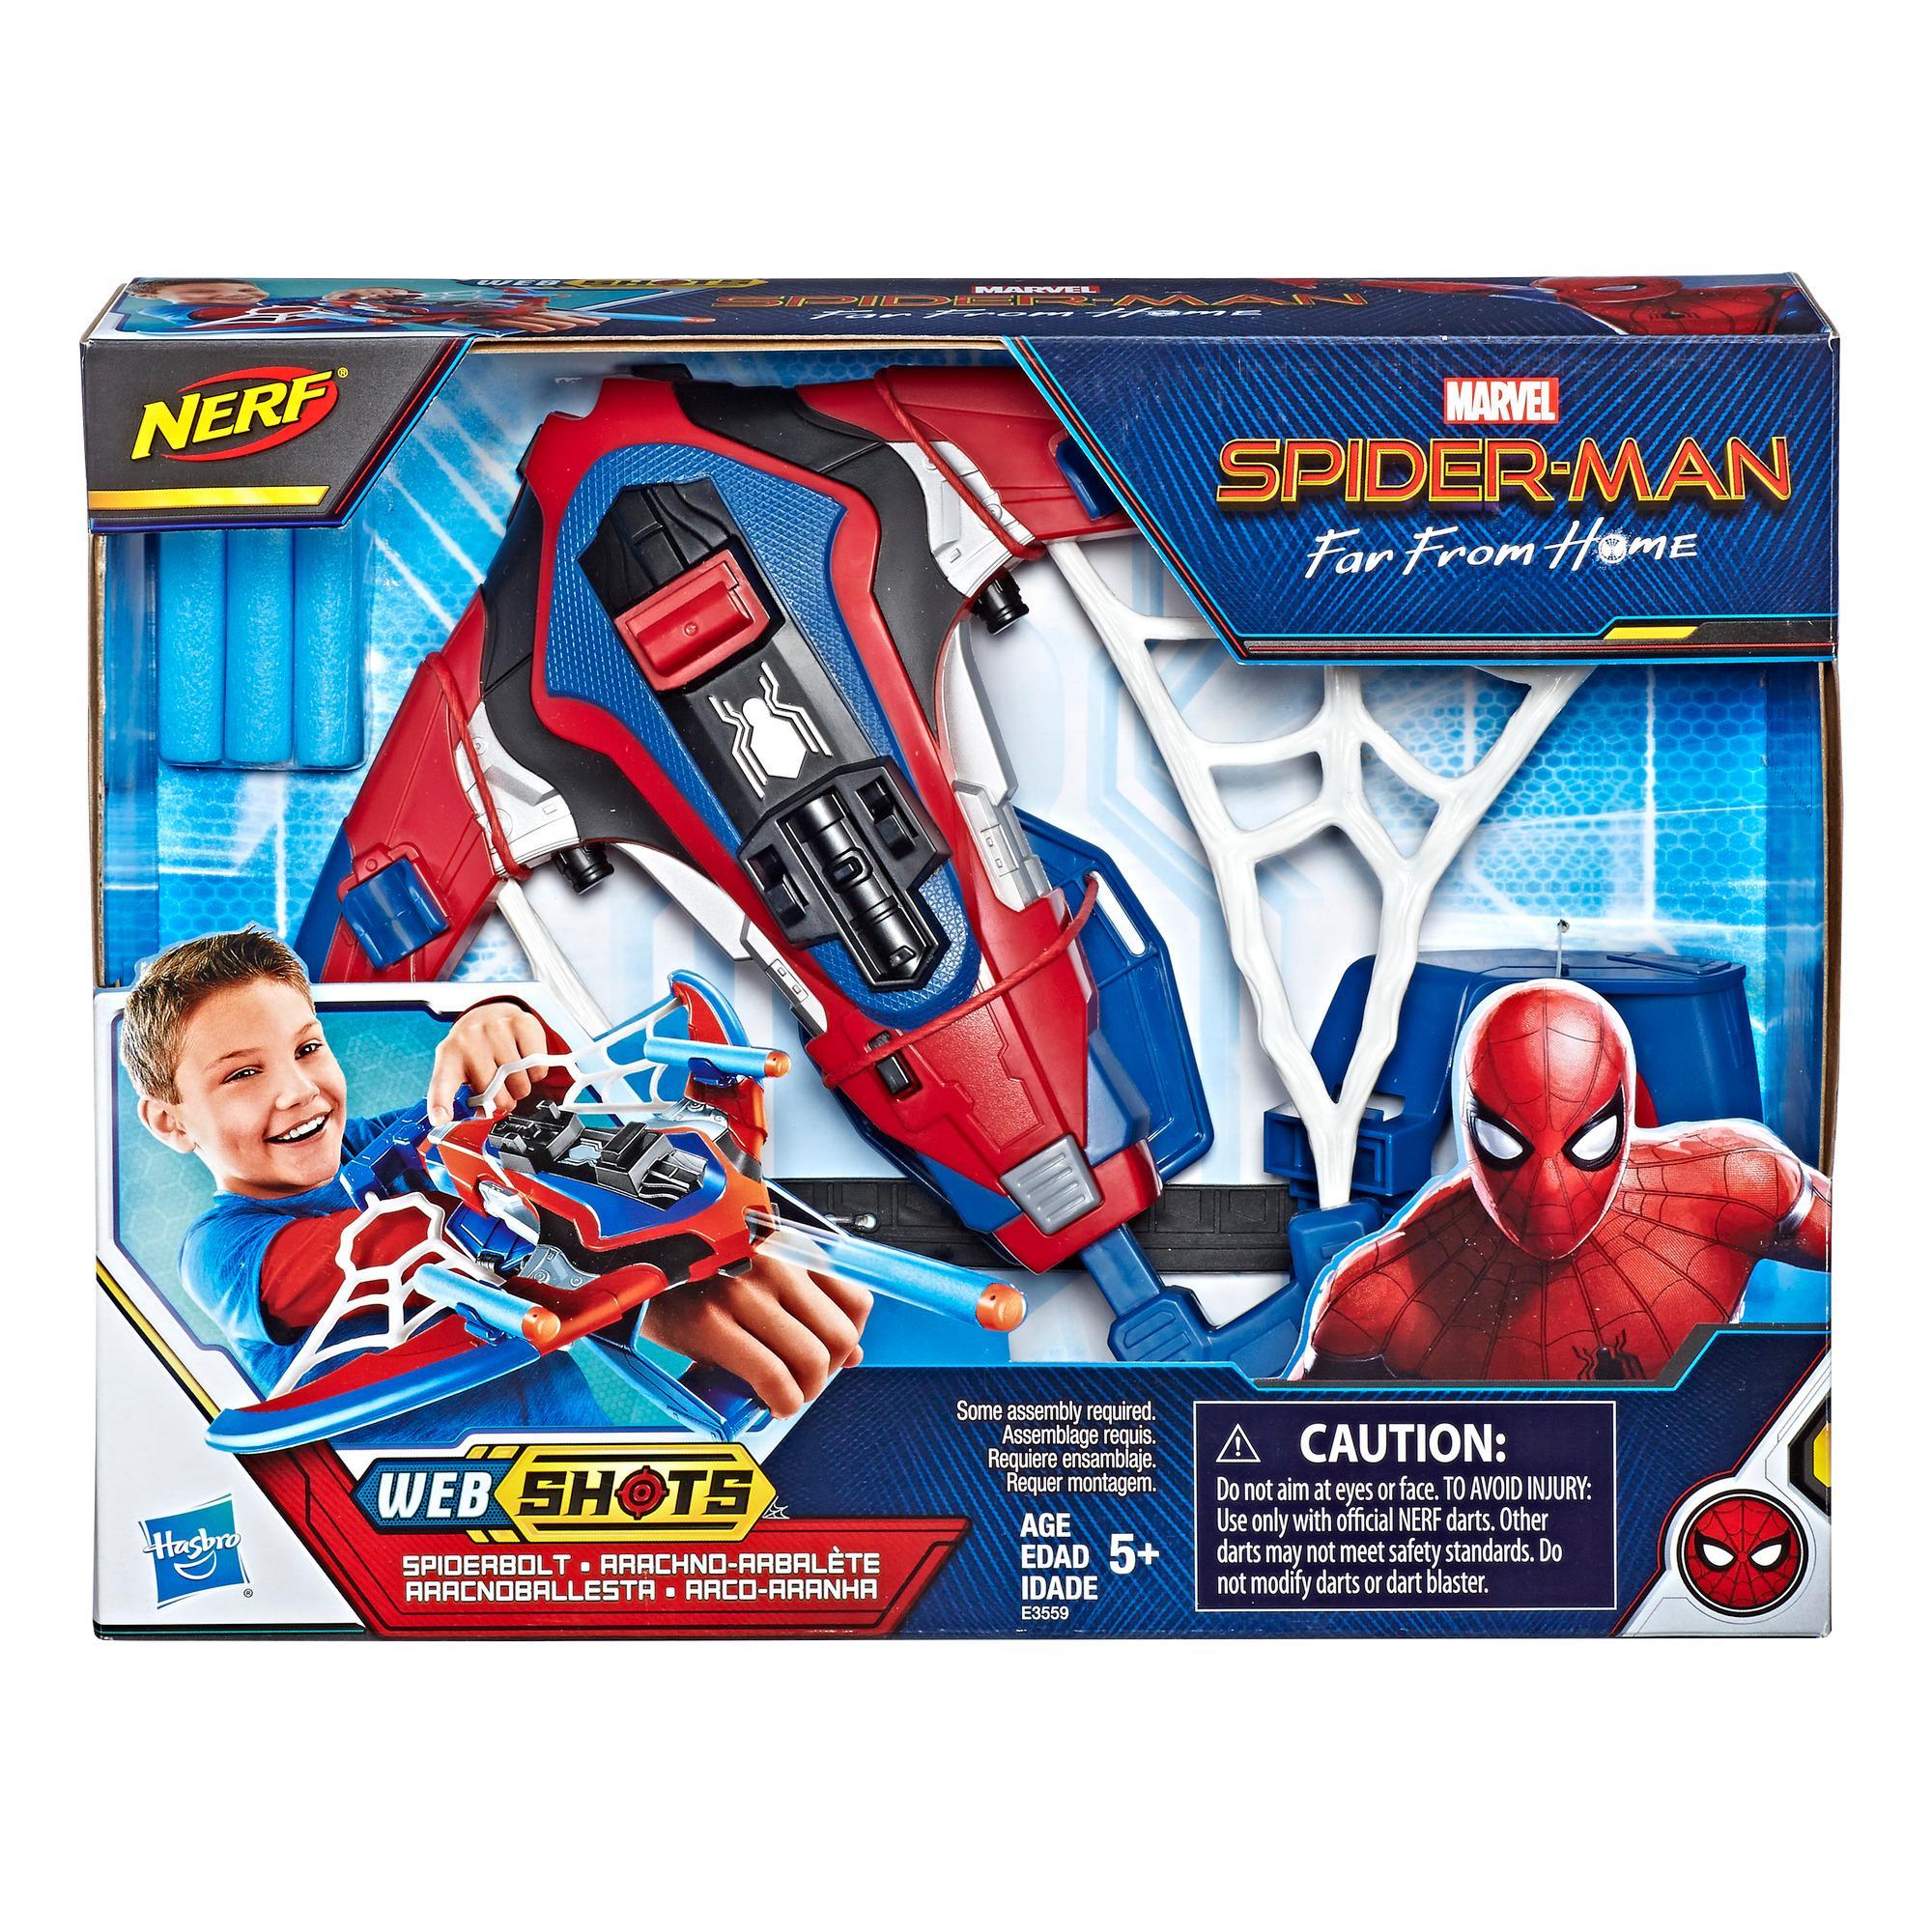 Spider-Man Web Shots Spider-Blaster NERF Blaster